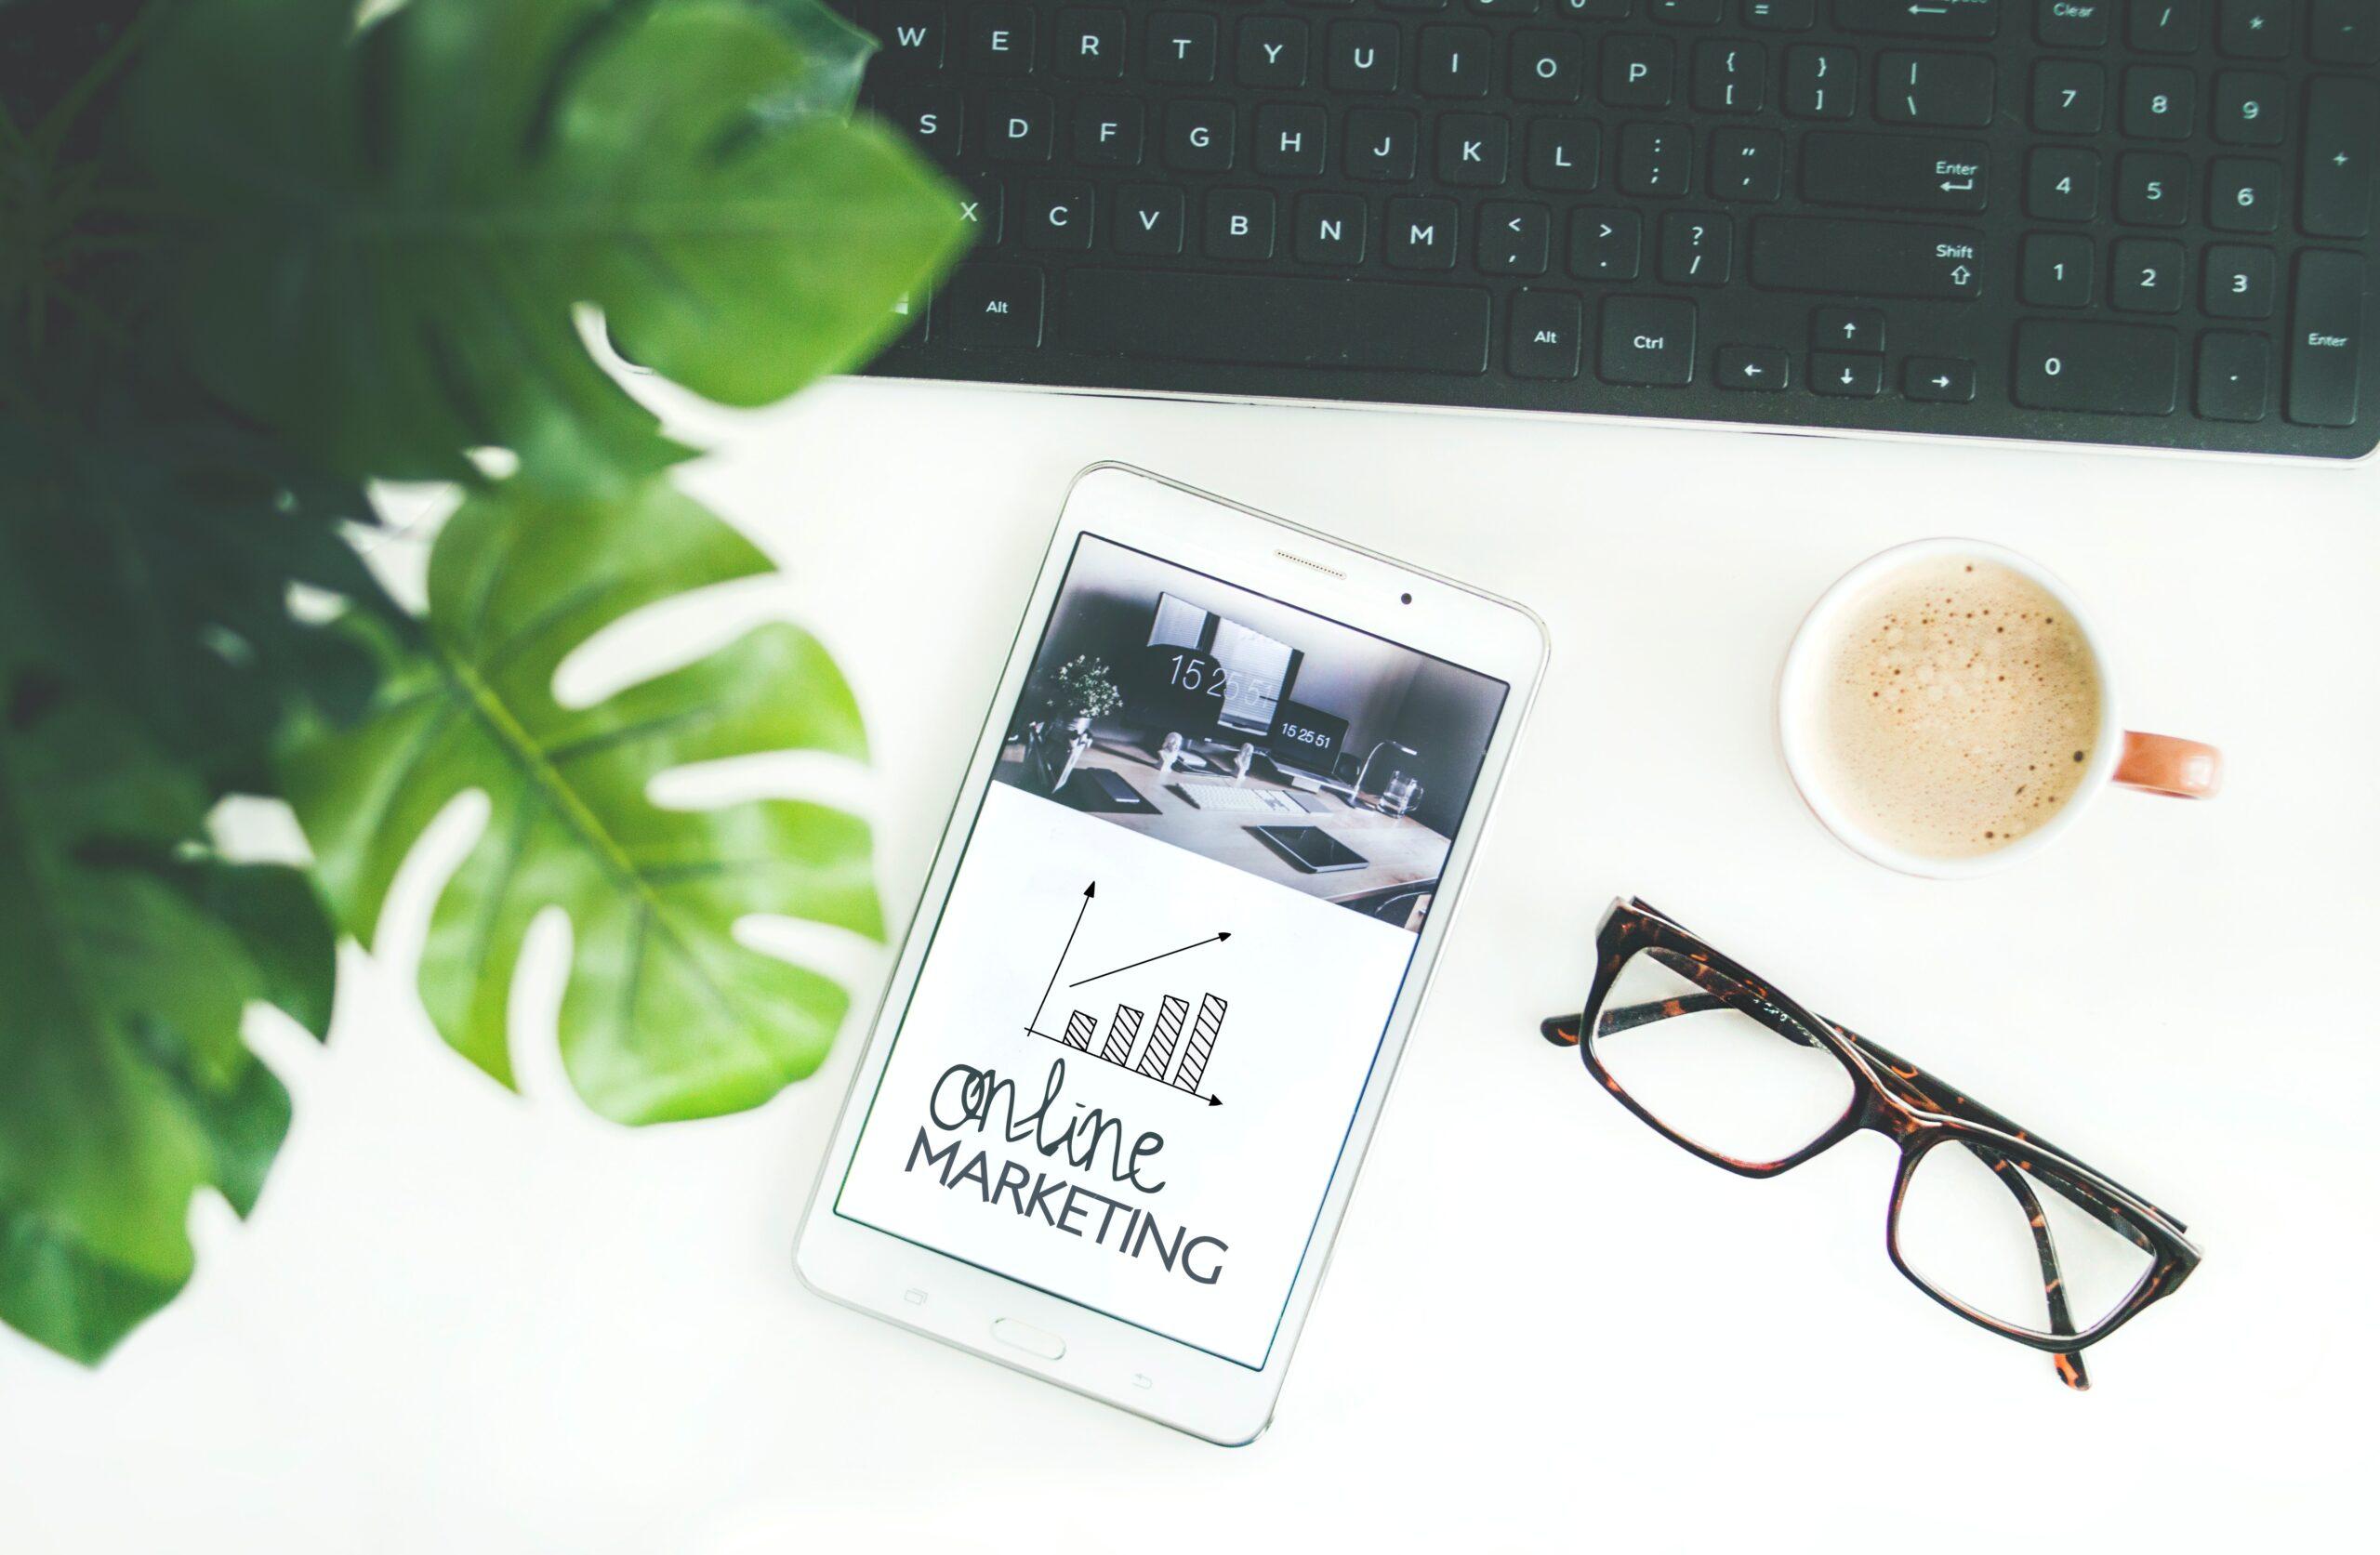 scrivania bianca per marketing e web marketing vista dall'alto con tablet, tastiera, occhiali e tazzina di caffè